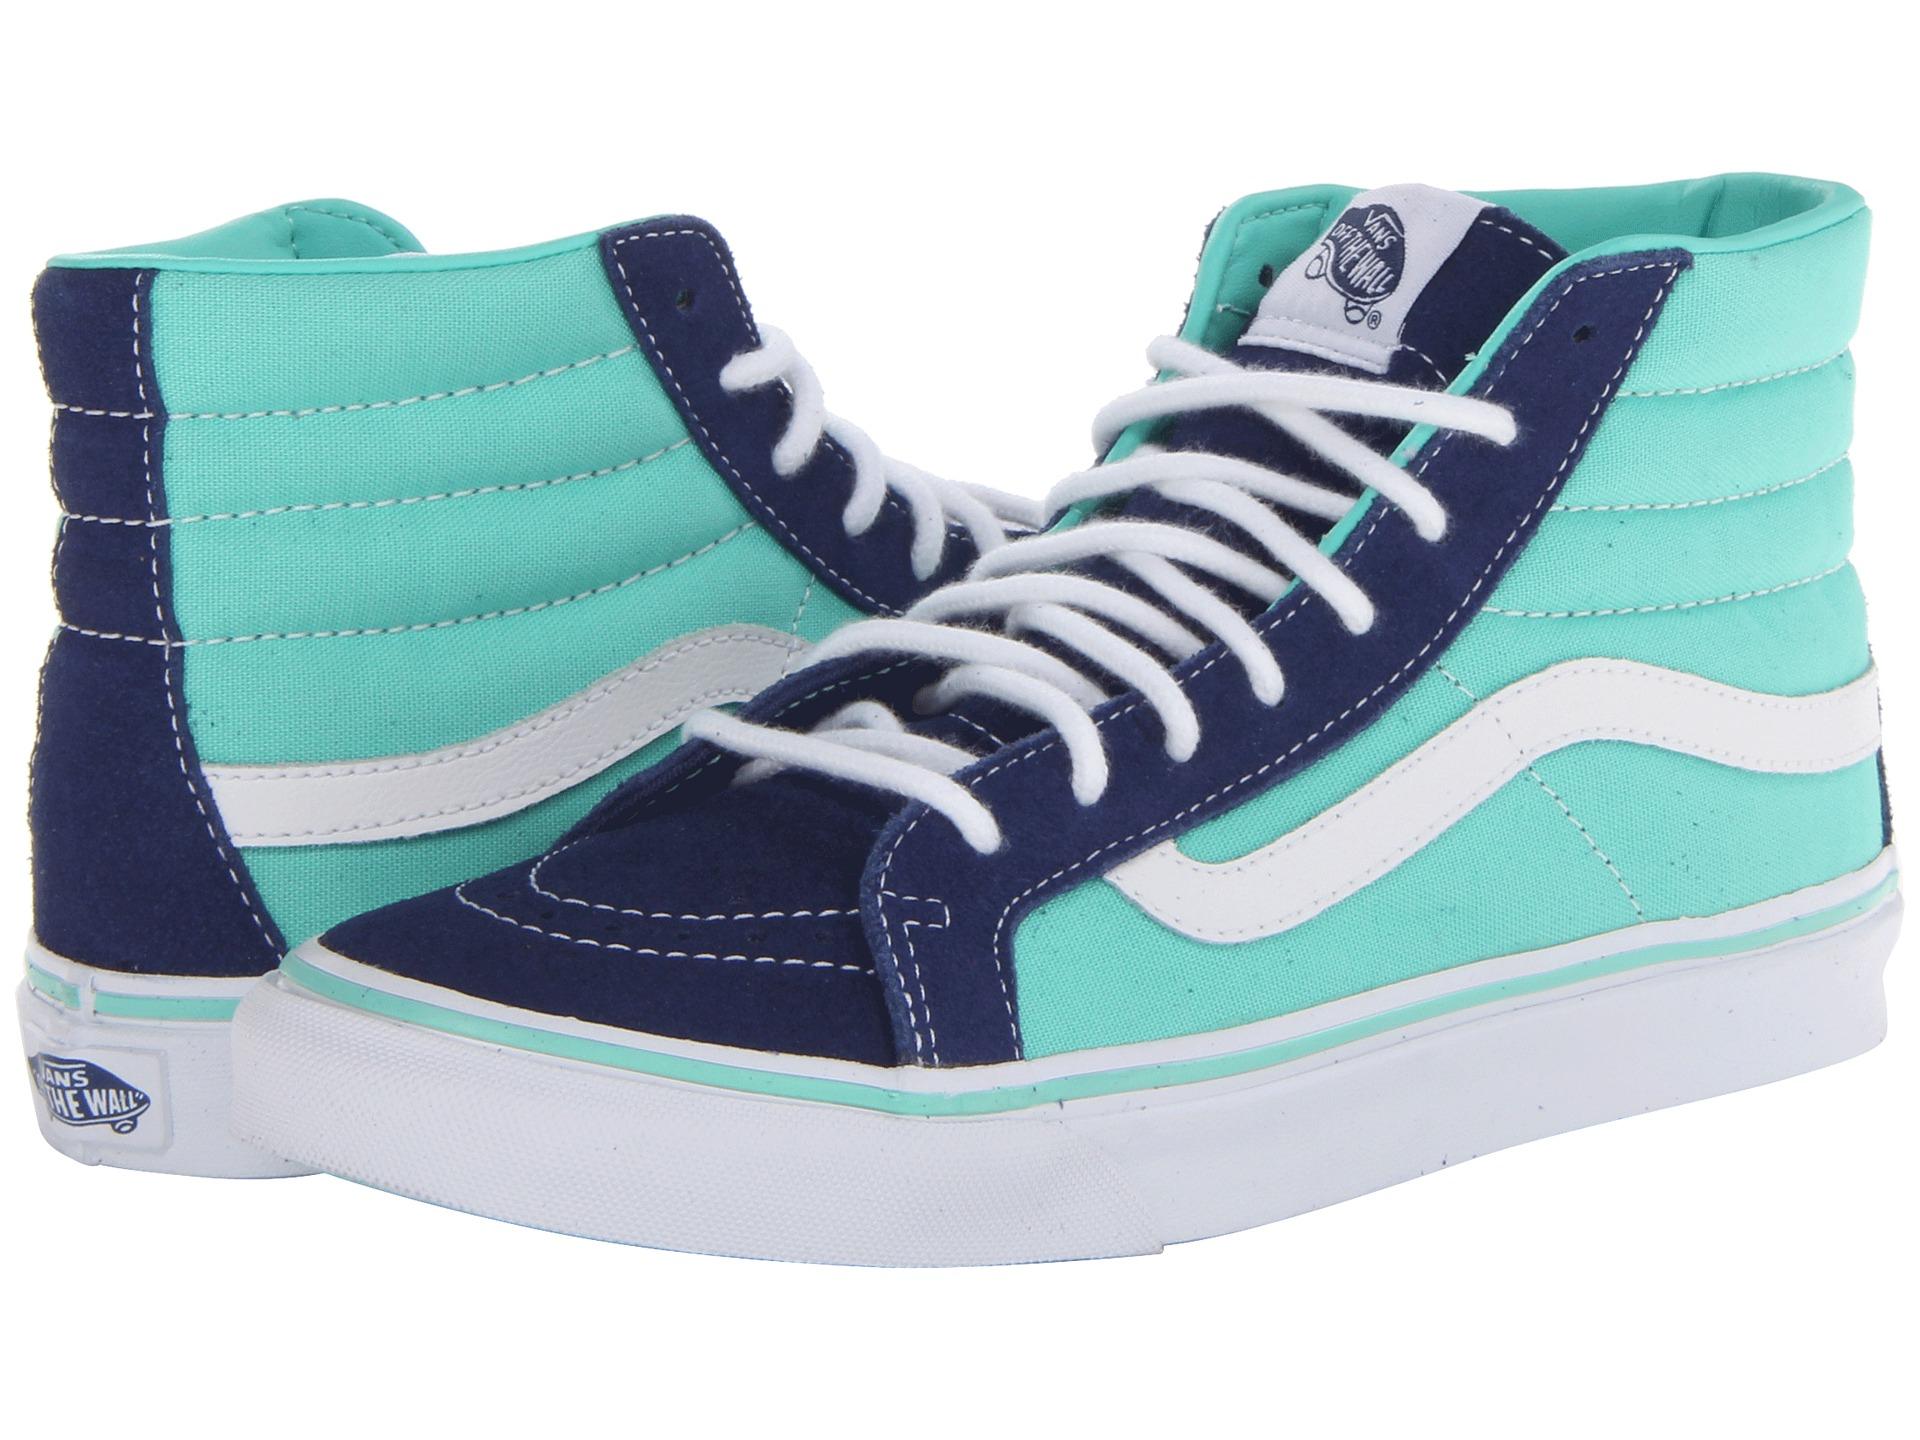 Vans Sk8hi Lyst Blue Slim In Qf44ytx Sayings Sk8 Hi Sneakers True White